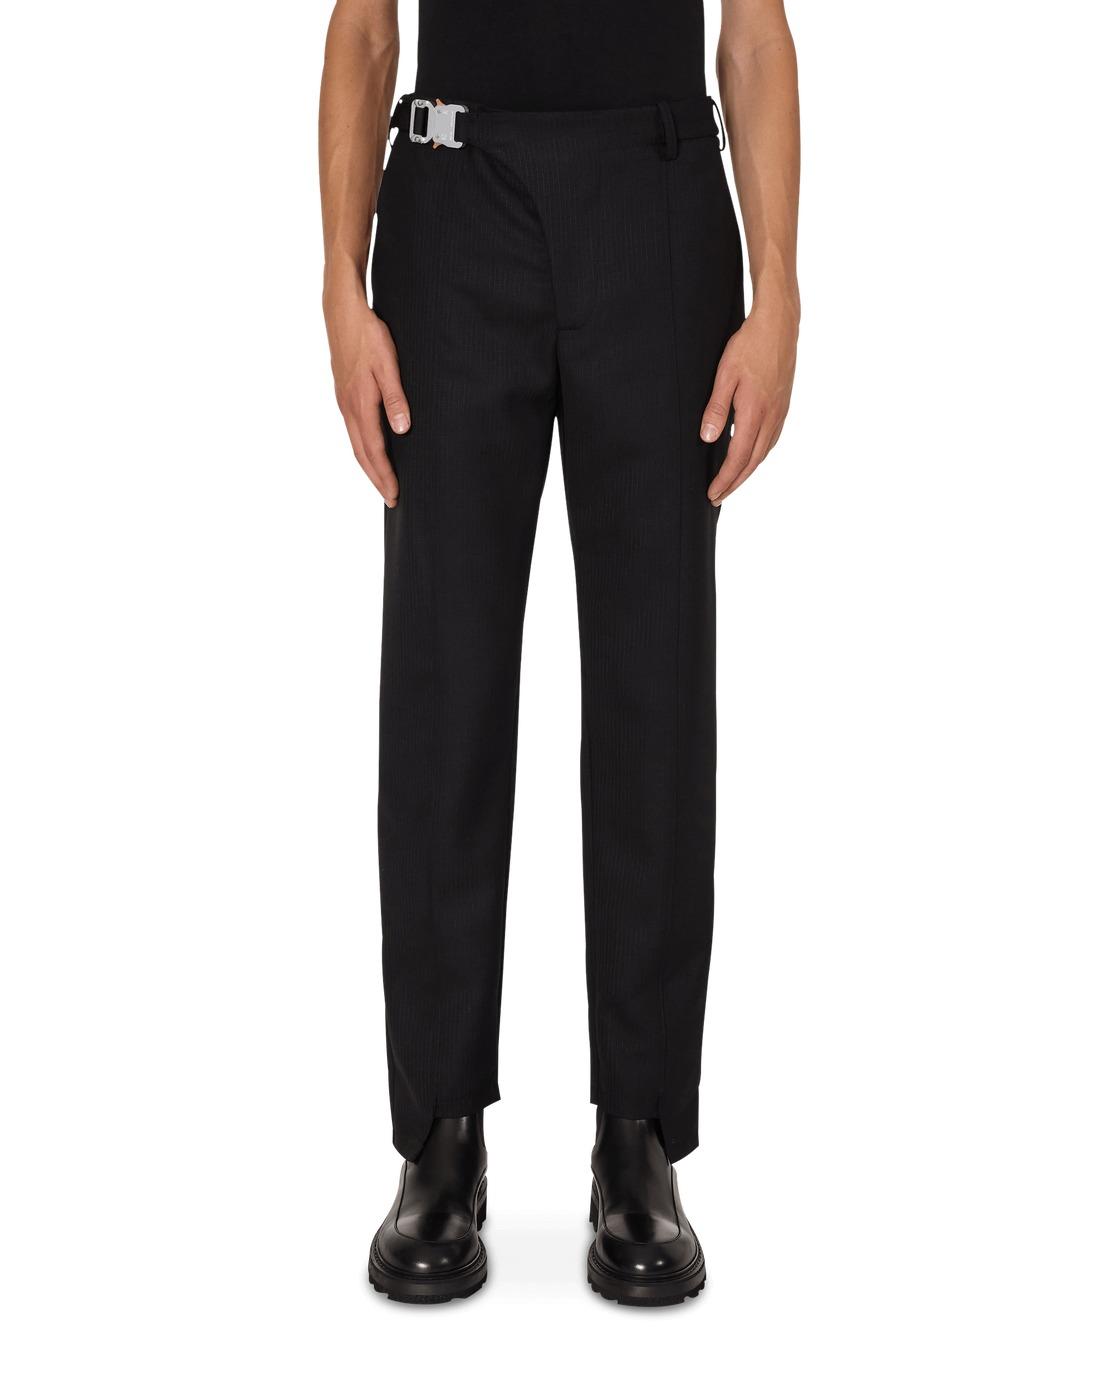 Photo: 1017 Alyx 9sm Stirrup Suit Pants Black